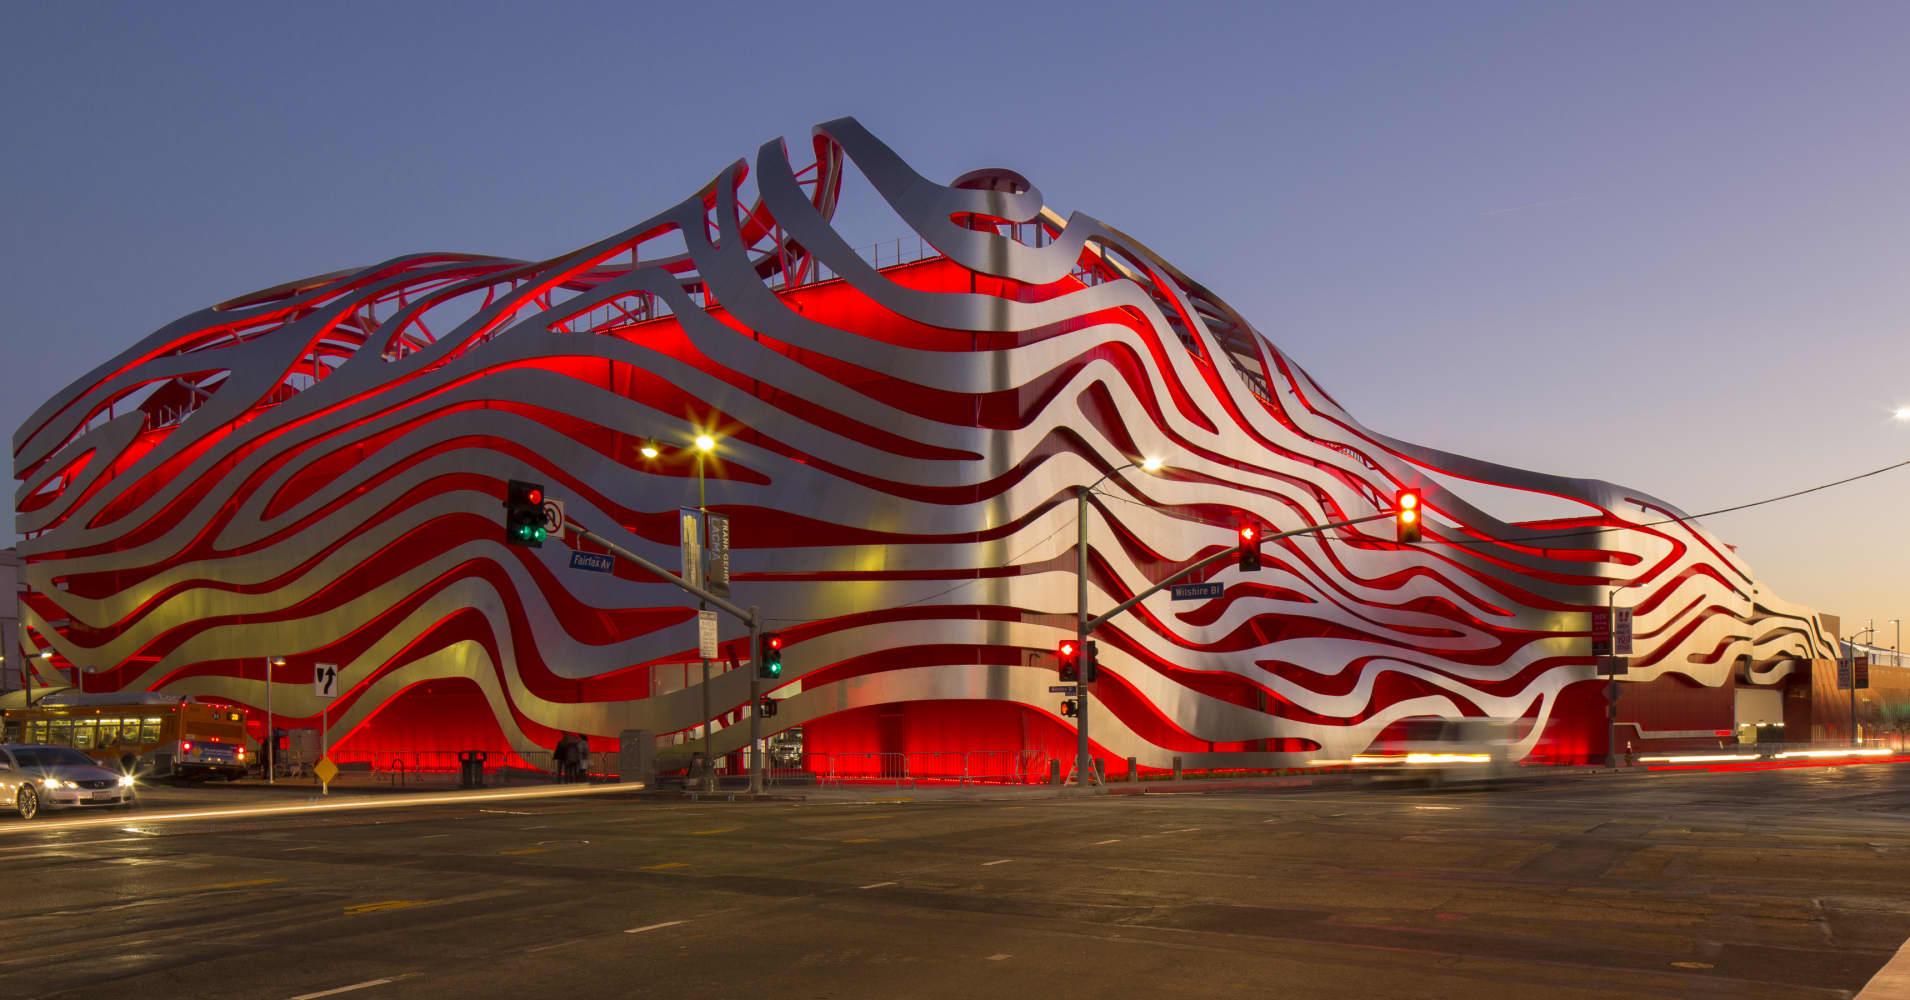 Car Museum Los Angeles >> LA's Petersen Automotive Museum reopens after $125M rebuild